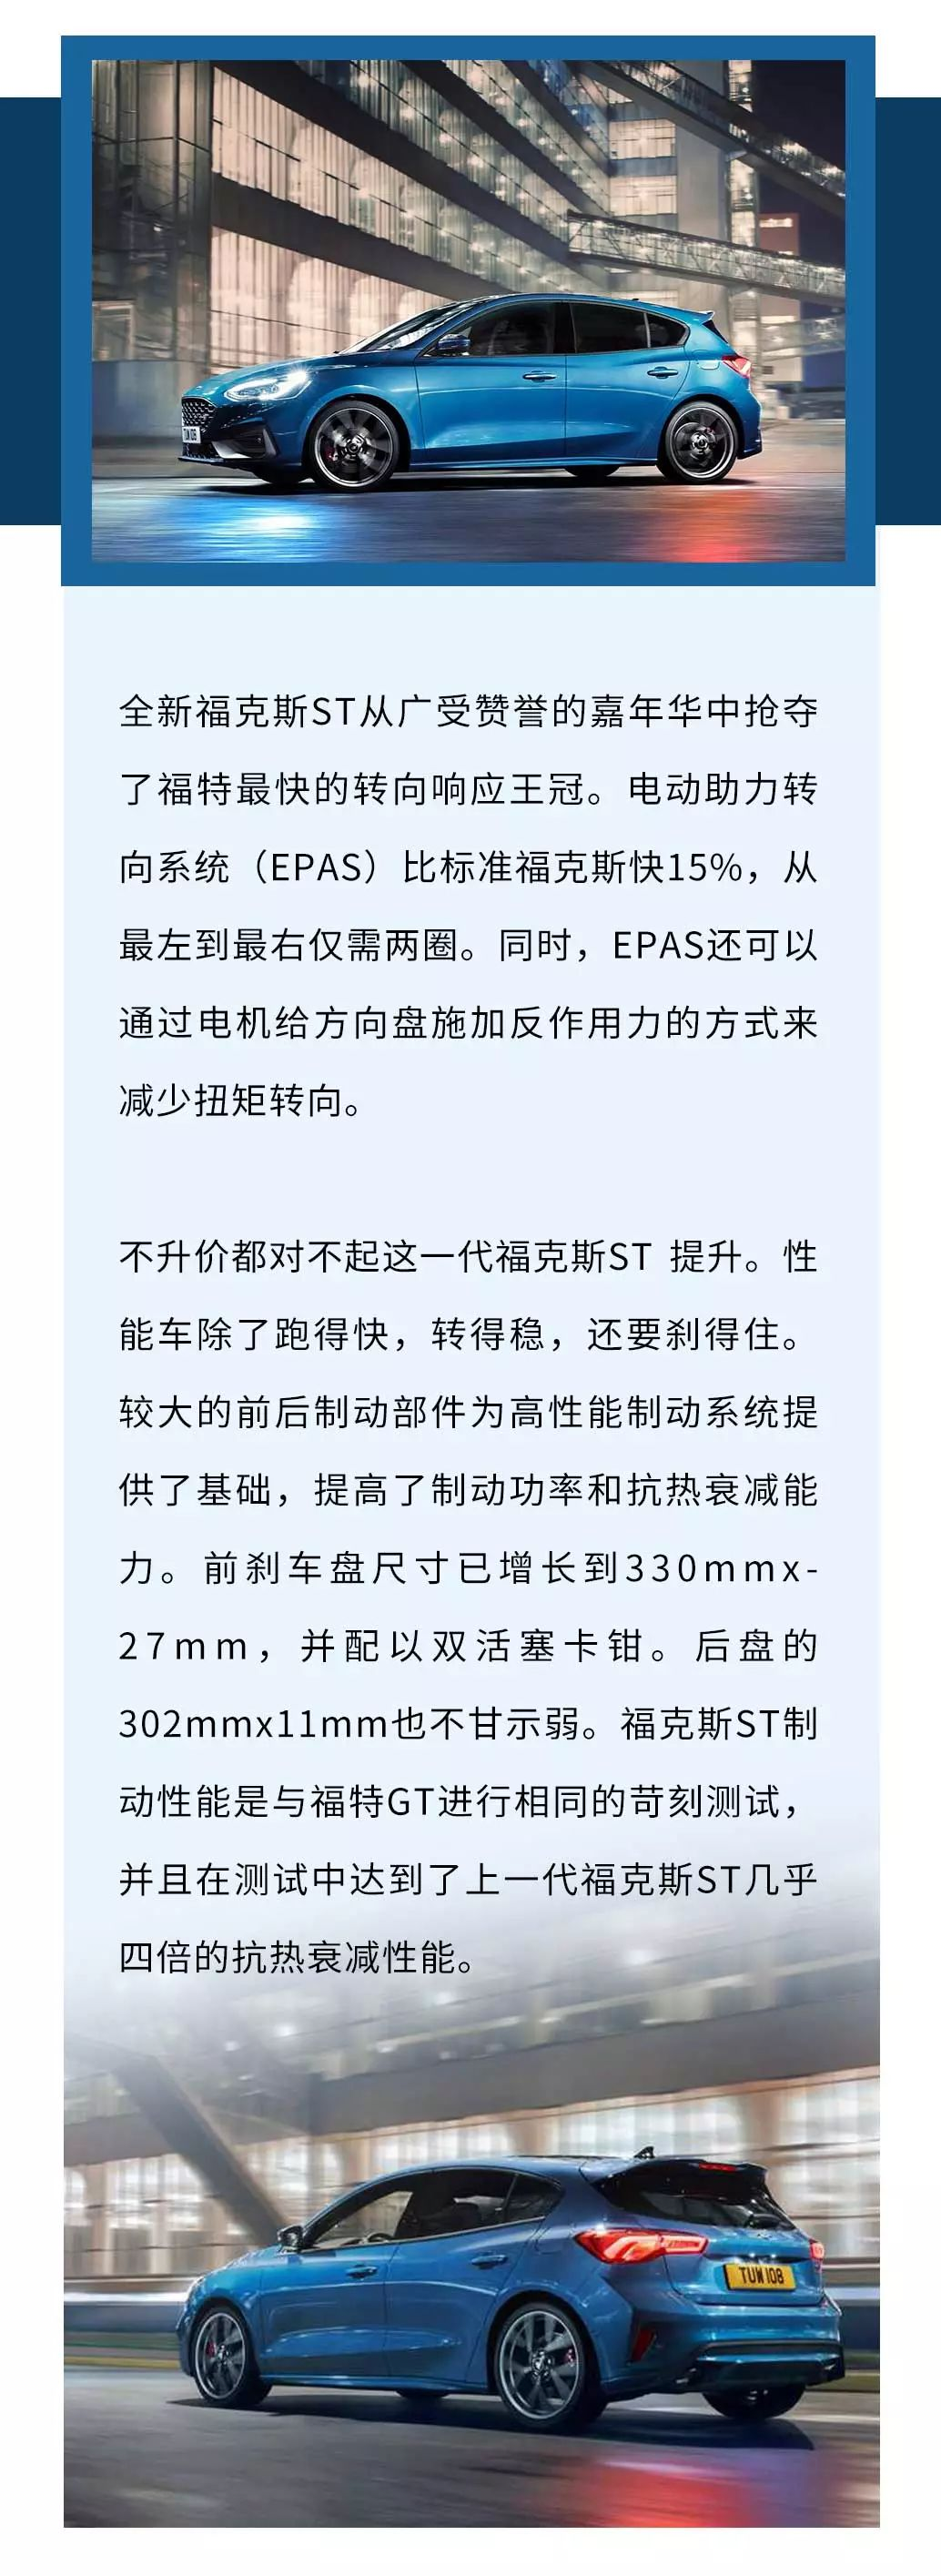 NB福特推出全新A级运动轿车276匹马力秒杀同级所有车型_凤凰彩票